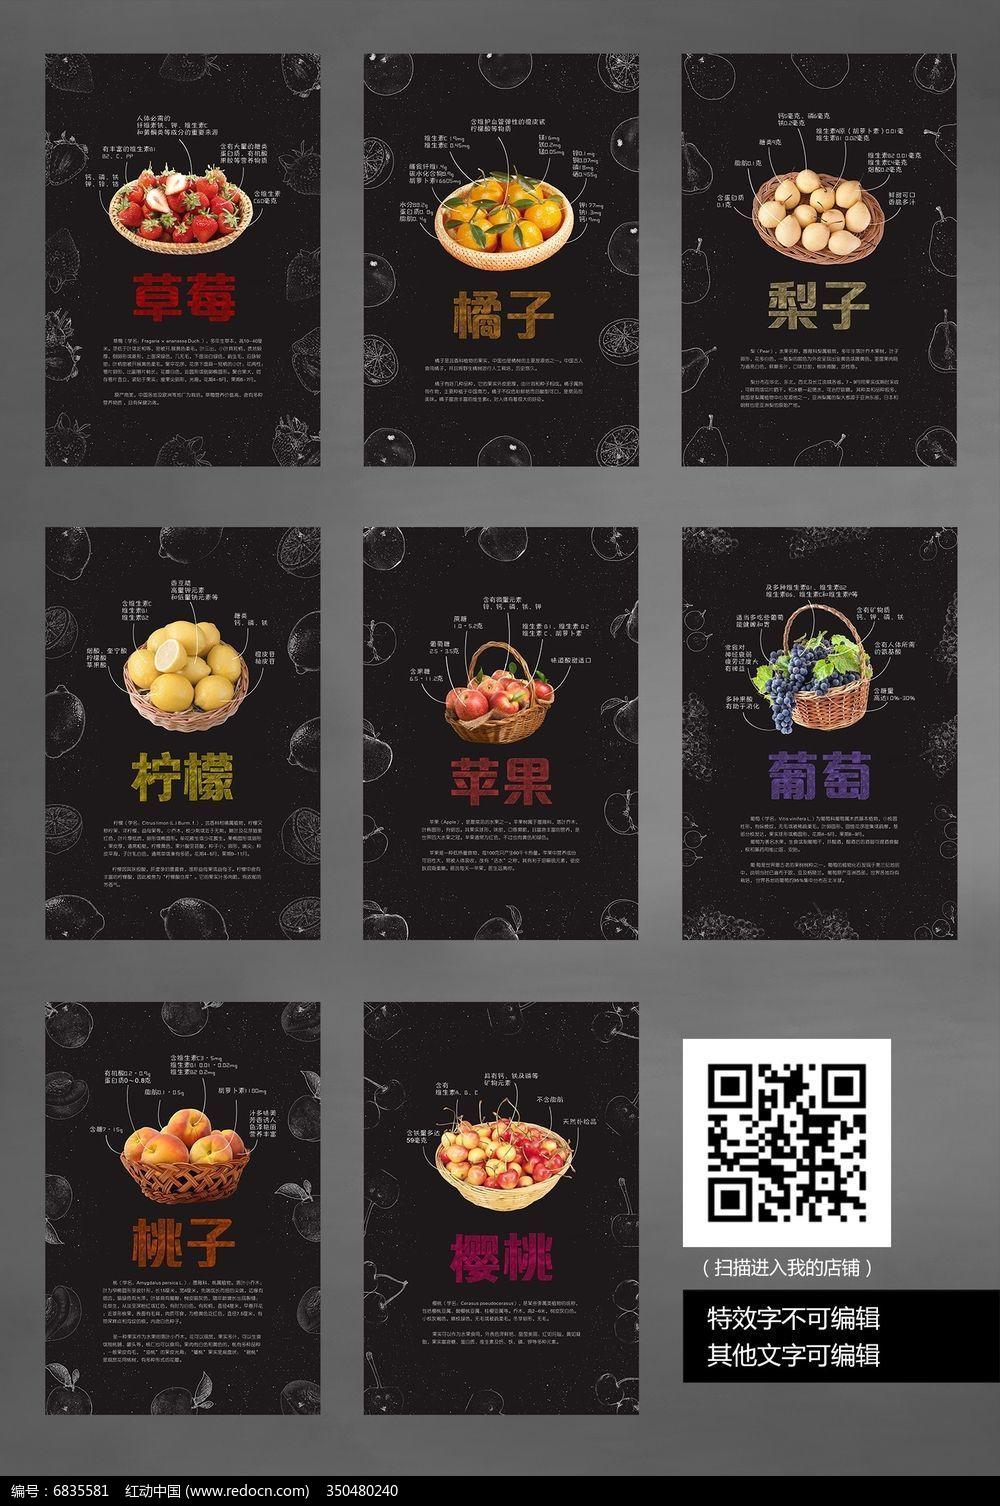 创意食堂文化水果展板设计